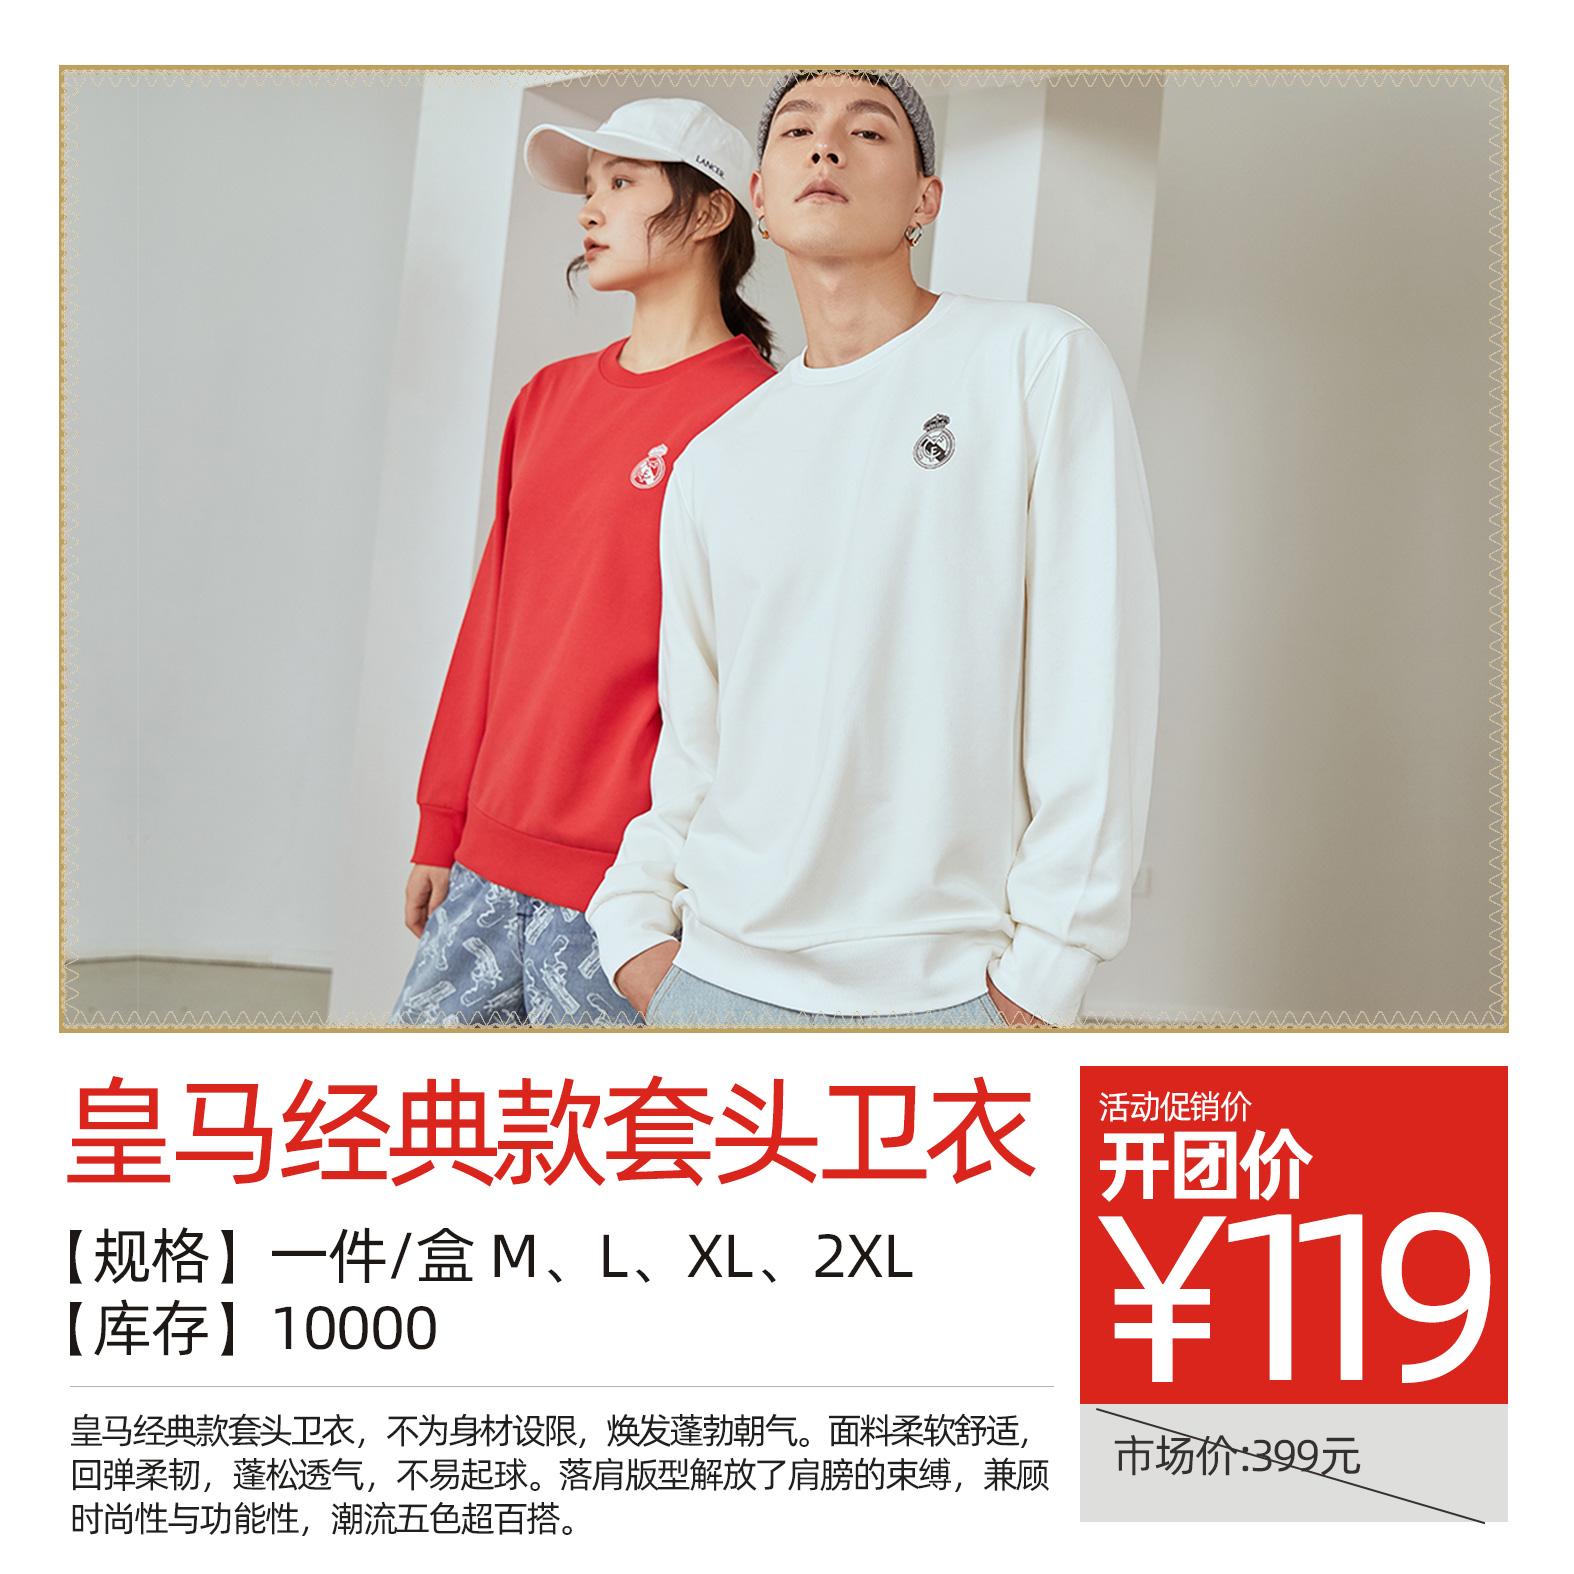 皇马经典款套头卫衣M、L、XL、2XL